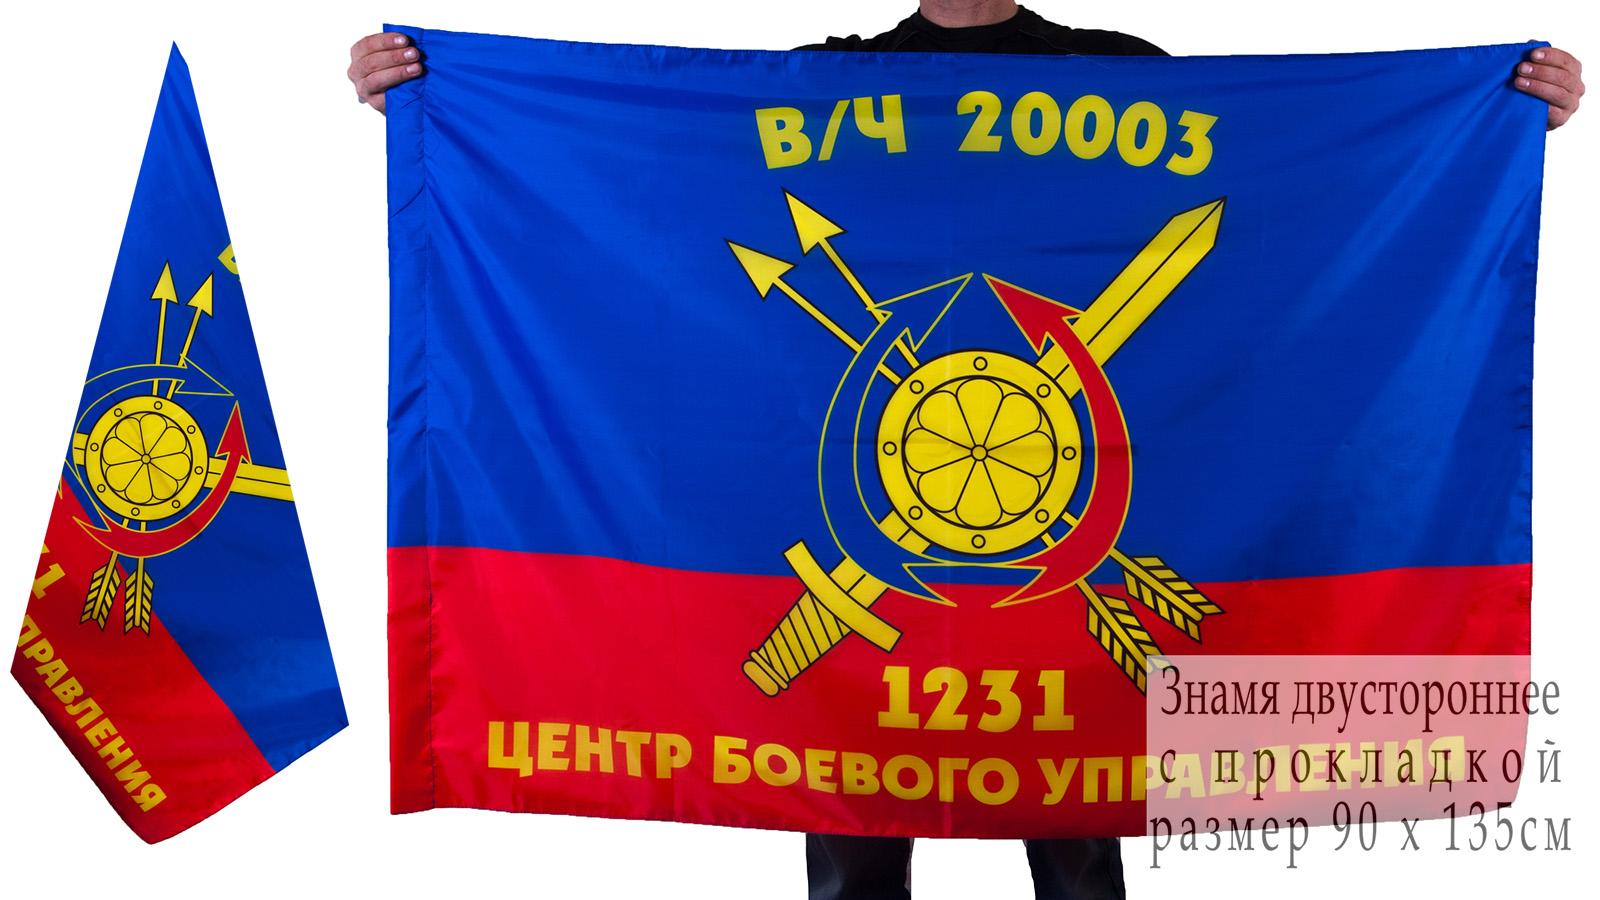 Знамя 1231-го центра боевого управления РВСН